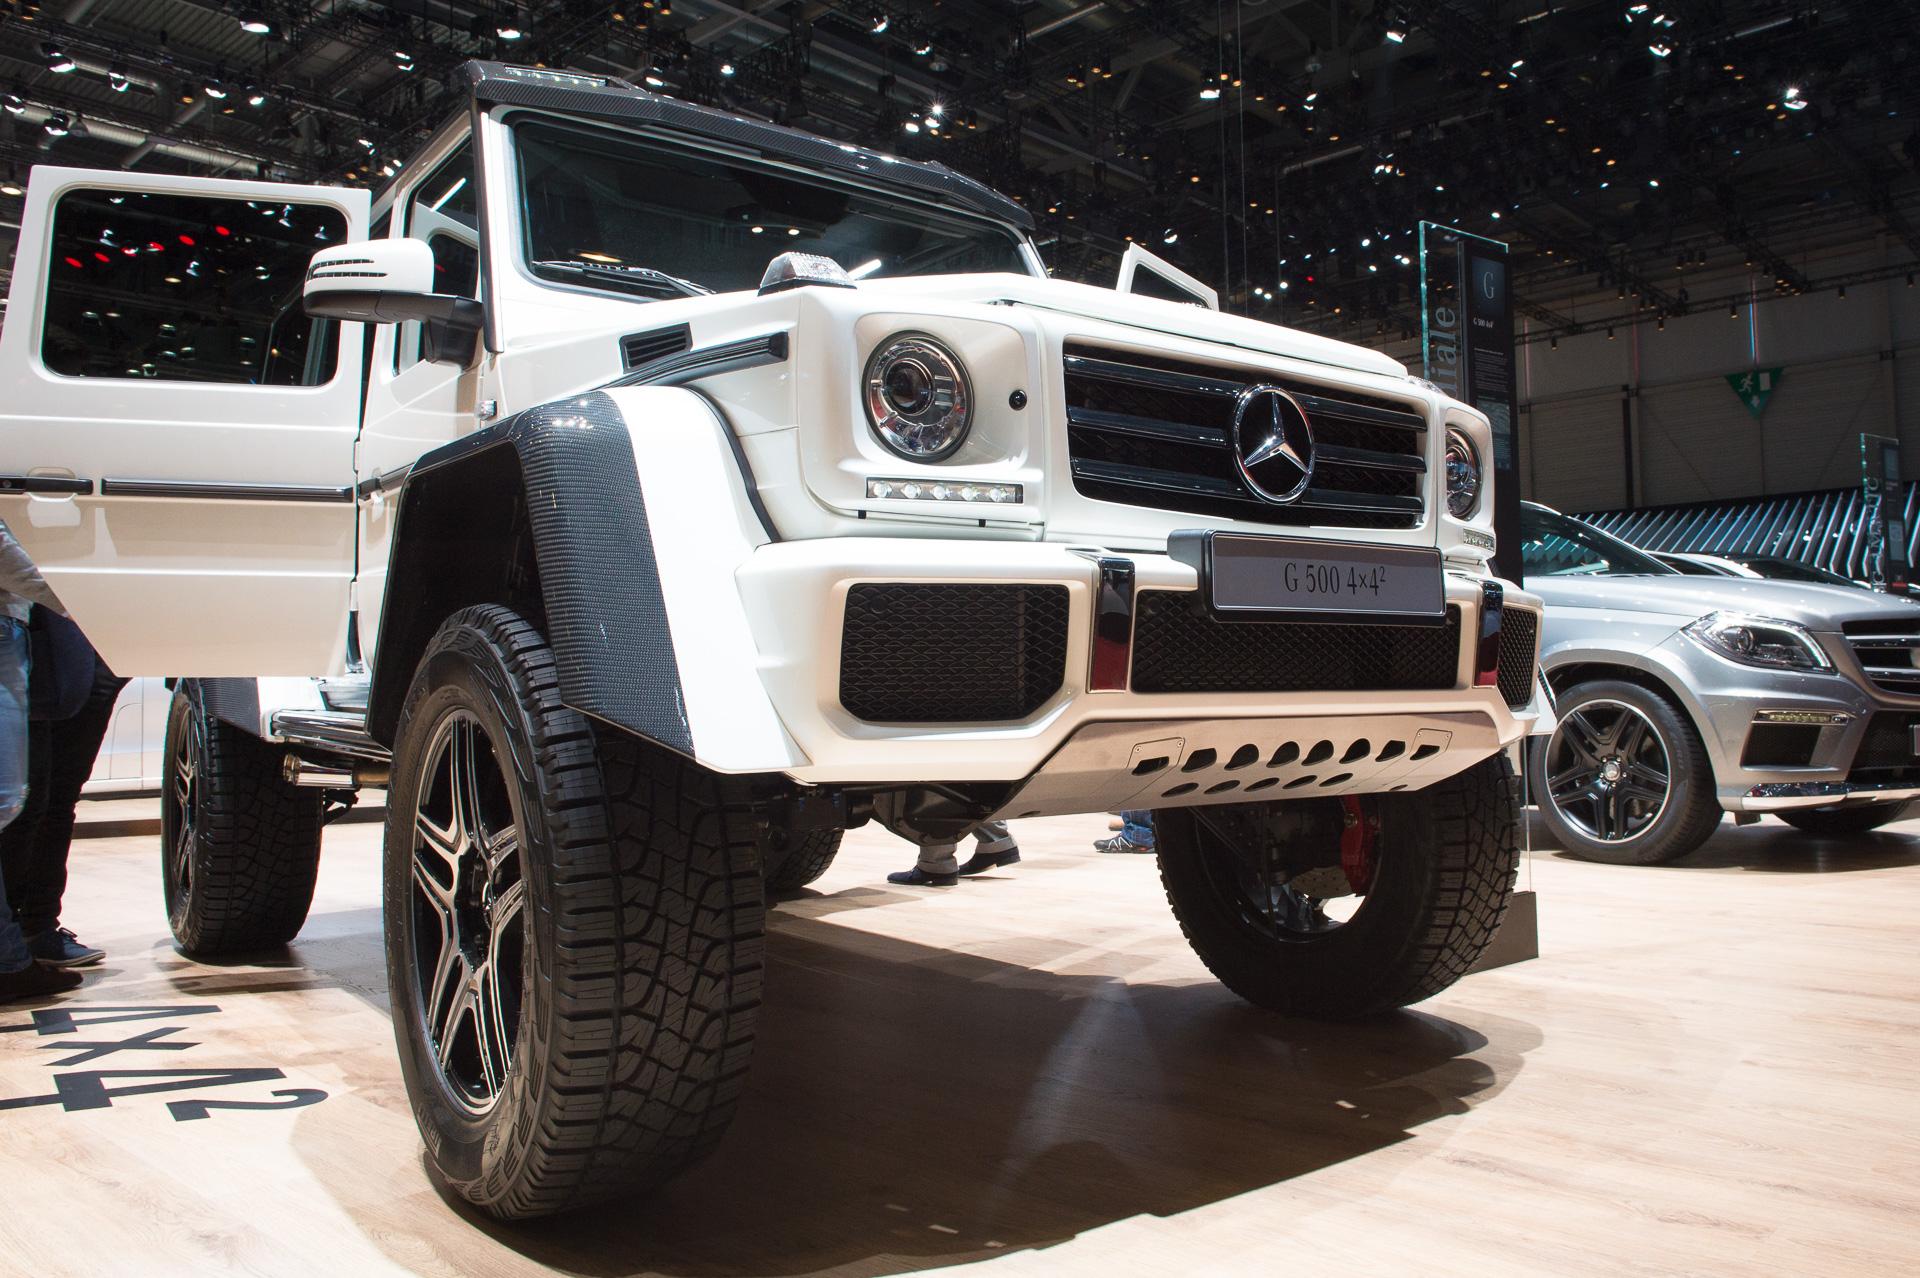 Genf-2015-Mercedes-Benz-G500-4x42-Studie-weiss-04